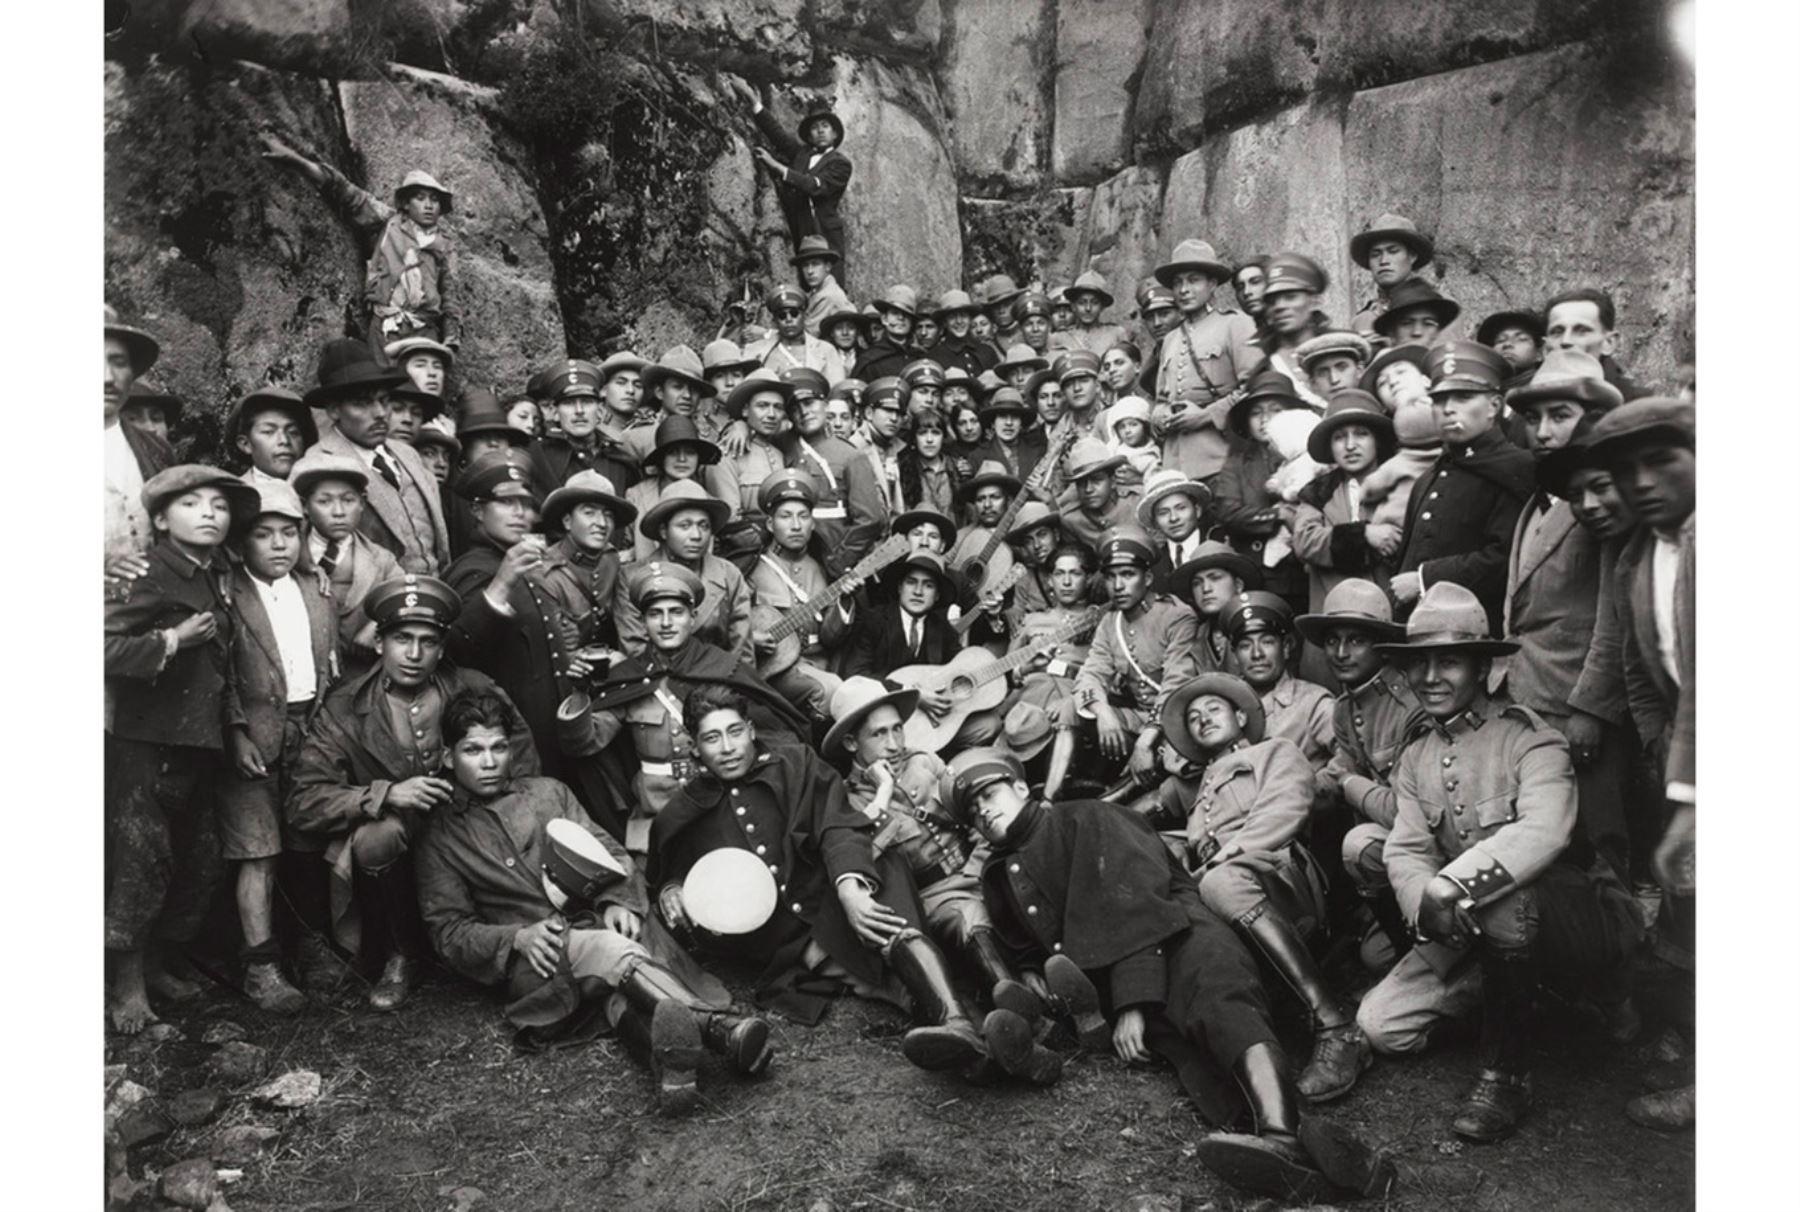 Al conmemorarse hoy el 128 aniversario de su natalicio, la obra de Martín Chambi, el fotógrafo peruano más ilustre del siglo XX, es declarada como Patrimonio Cultural de la Nación. ANDINA/Difusión